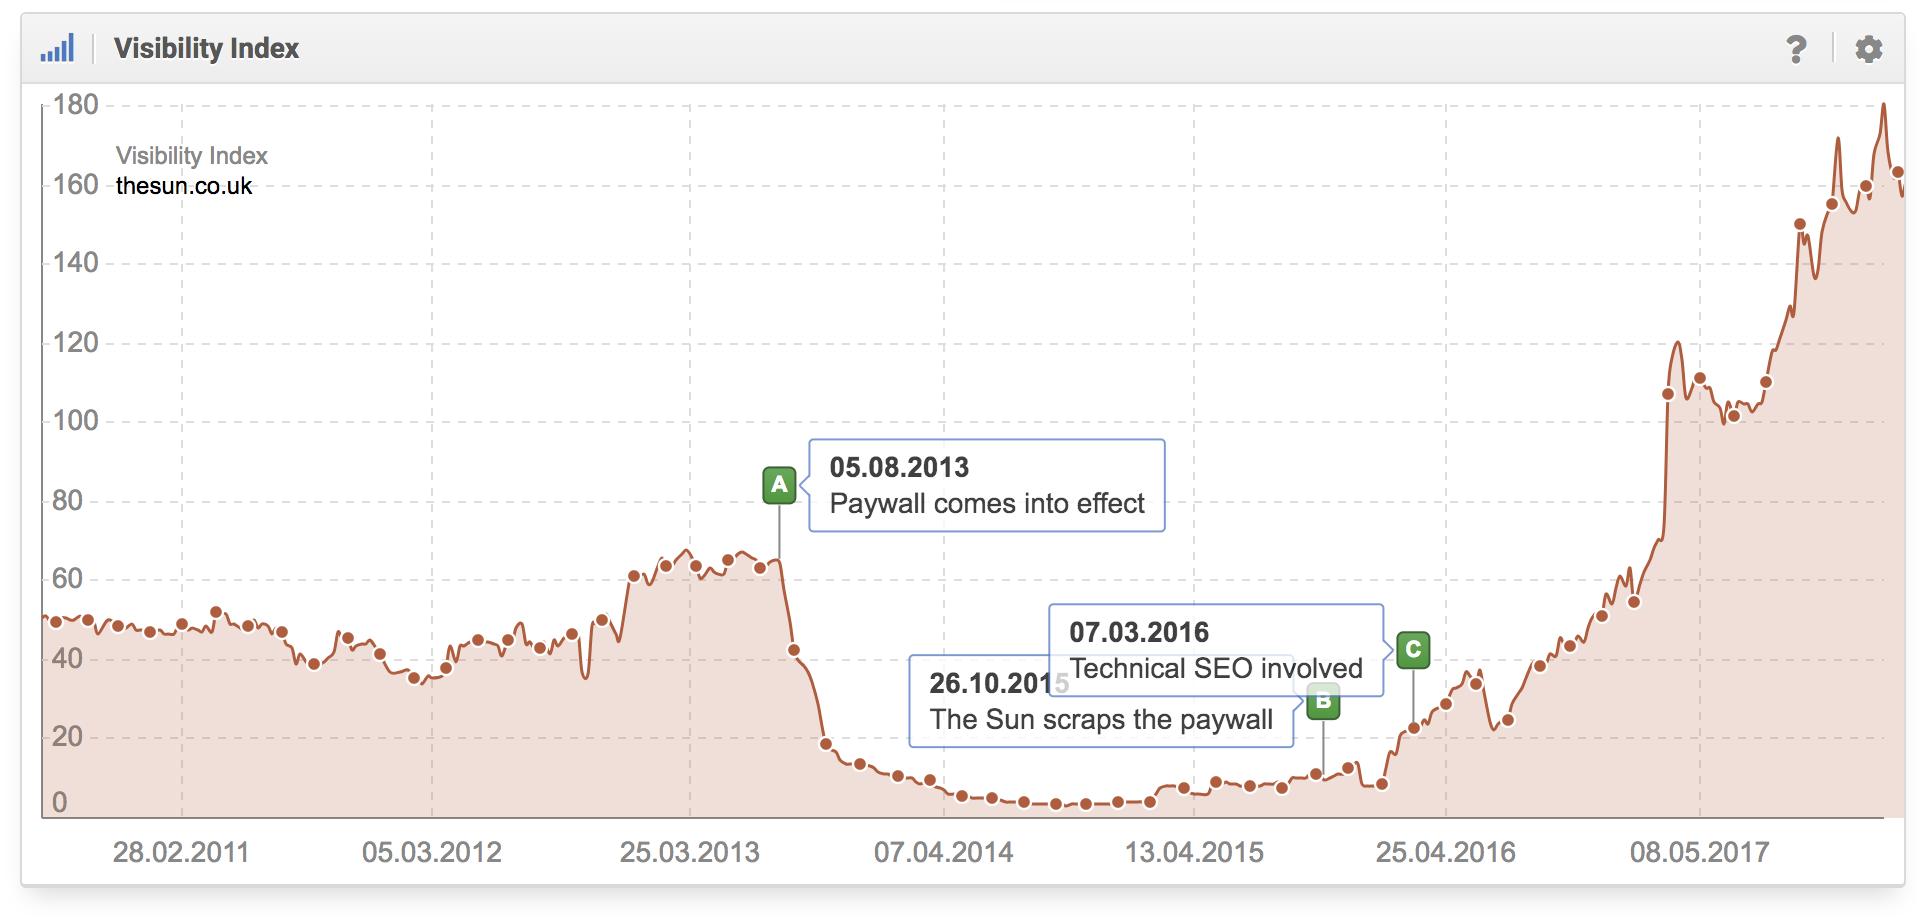 histórico del índice de visibilidad para el dominio thesun.co.uk en google.com